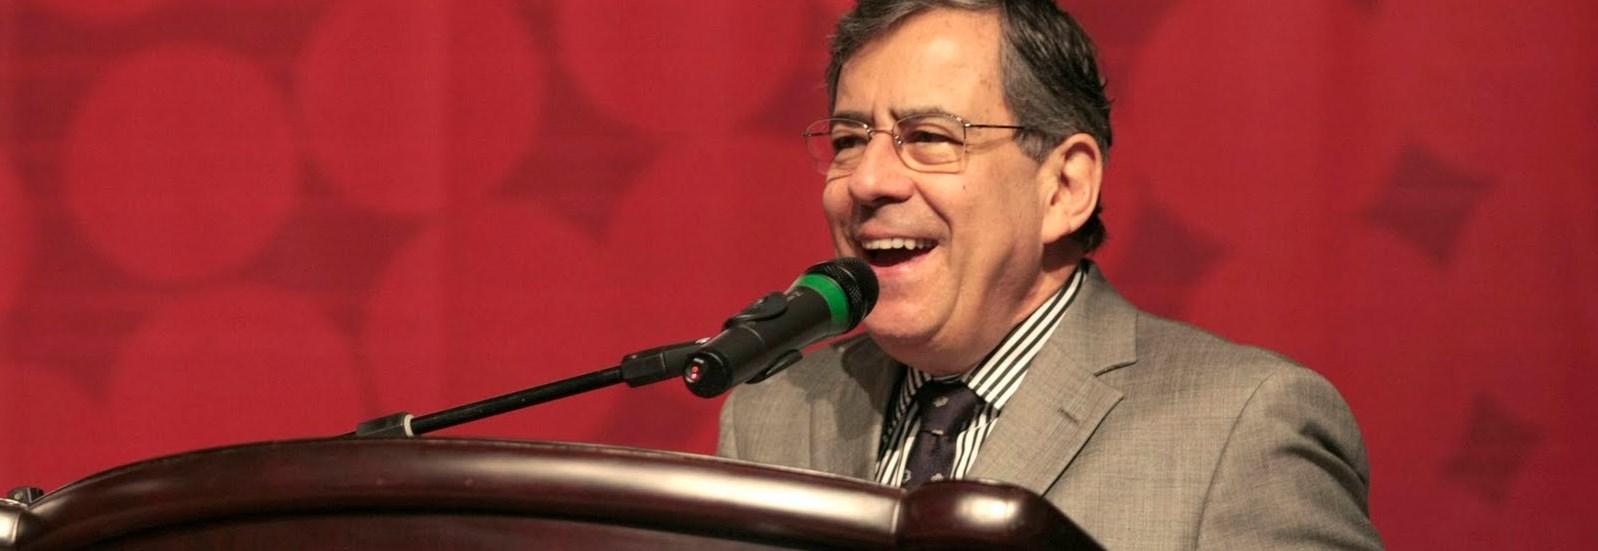 Paulo Henrique Amorim é um dos blogueiros de maior sucesso e acesso no Brasil